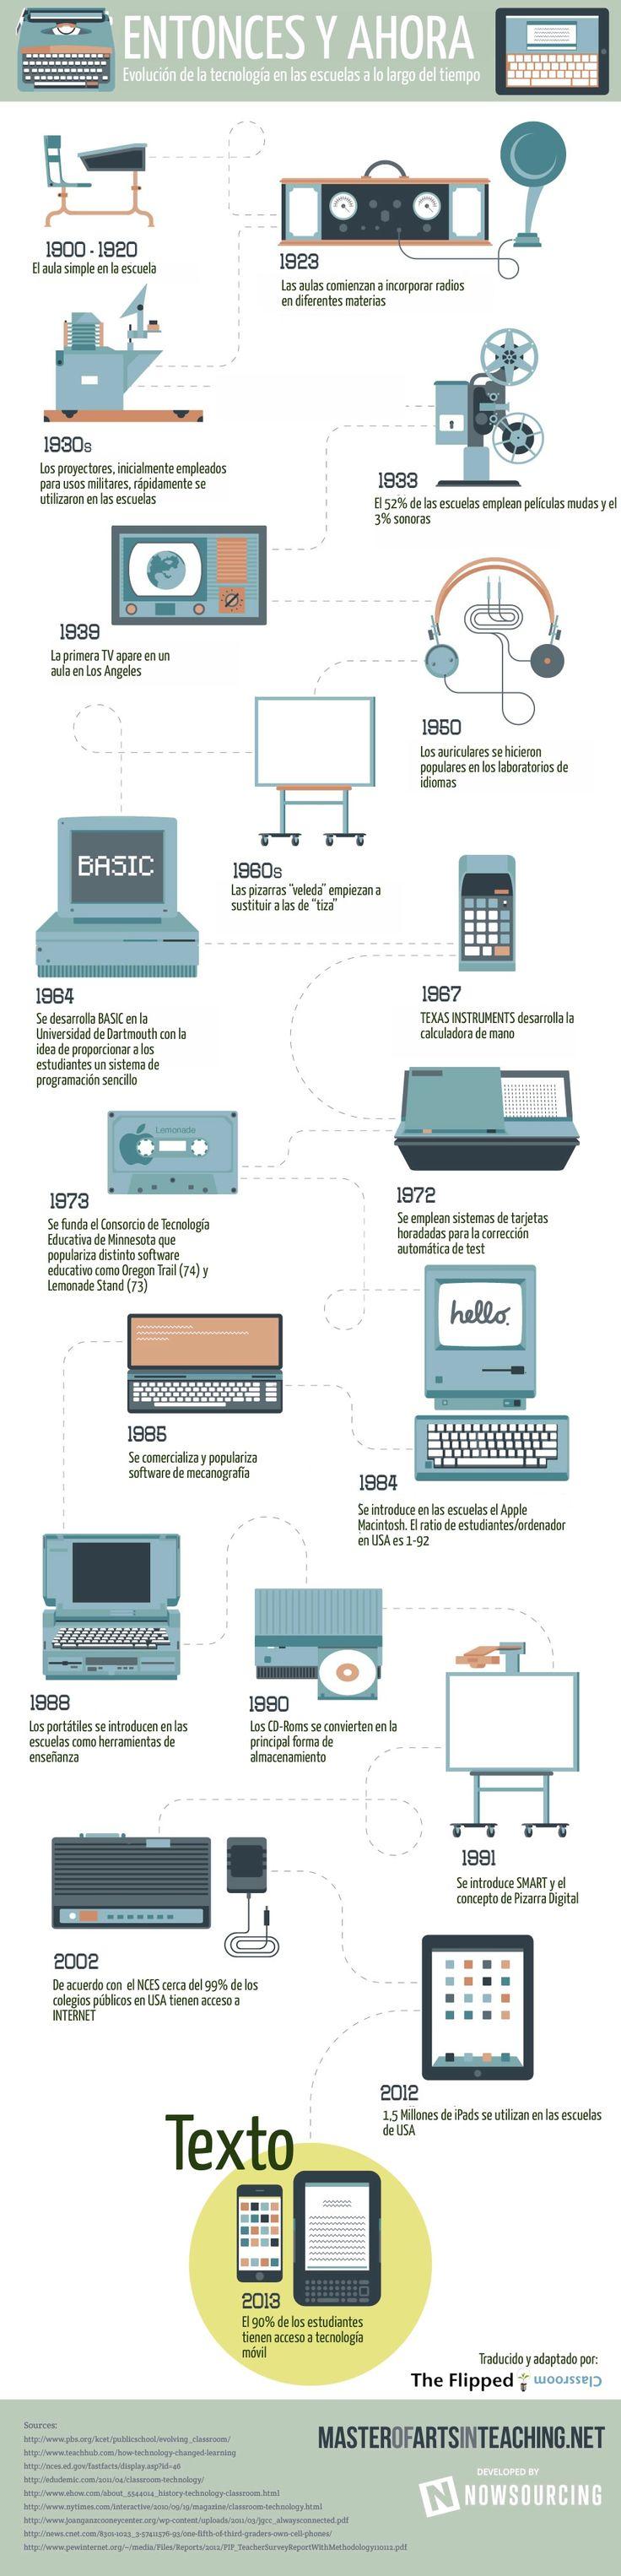 Evolución de la tecnología en las escuelas #education #edtech